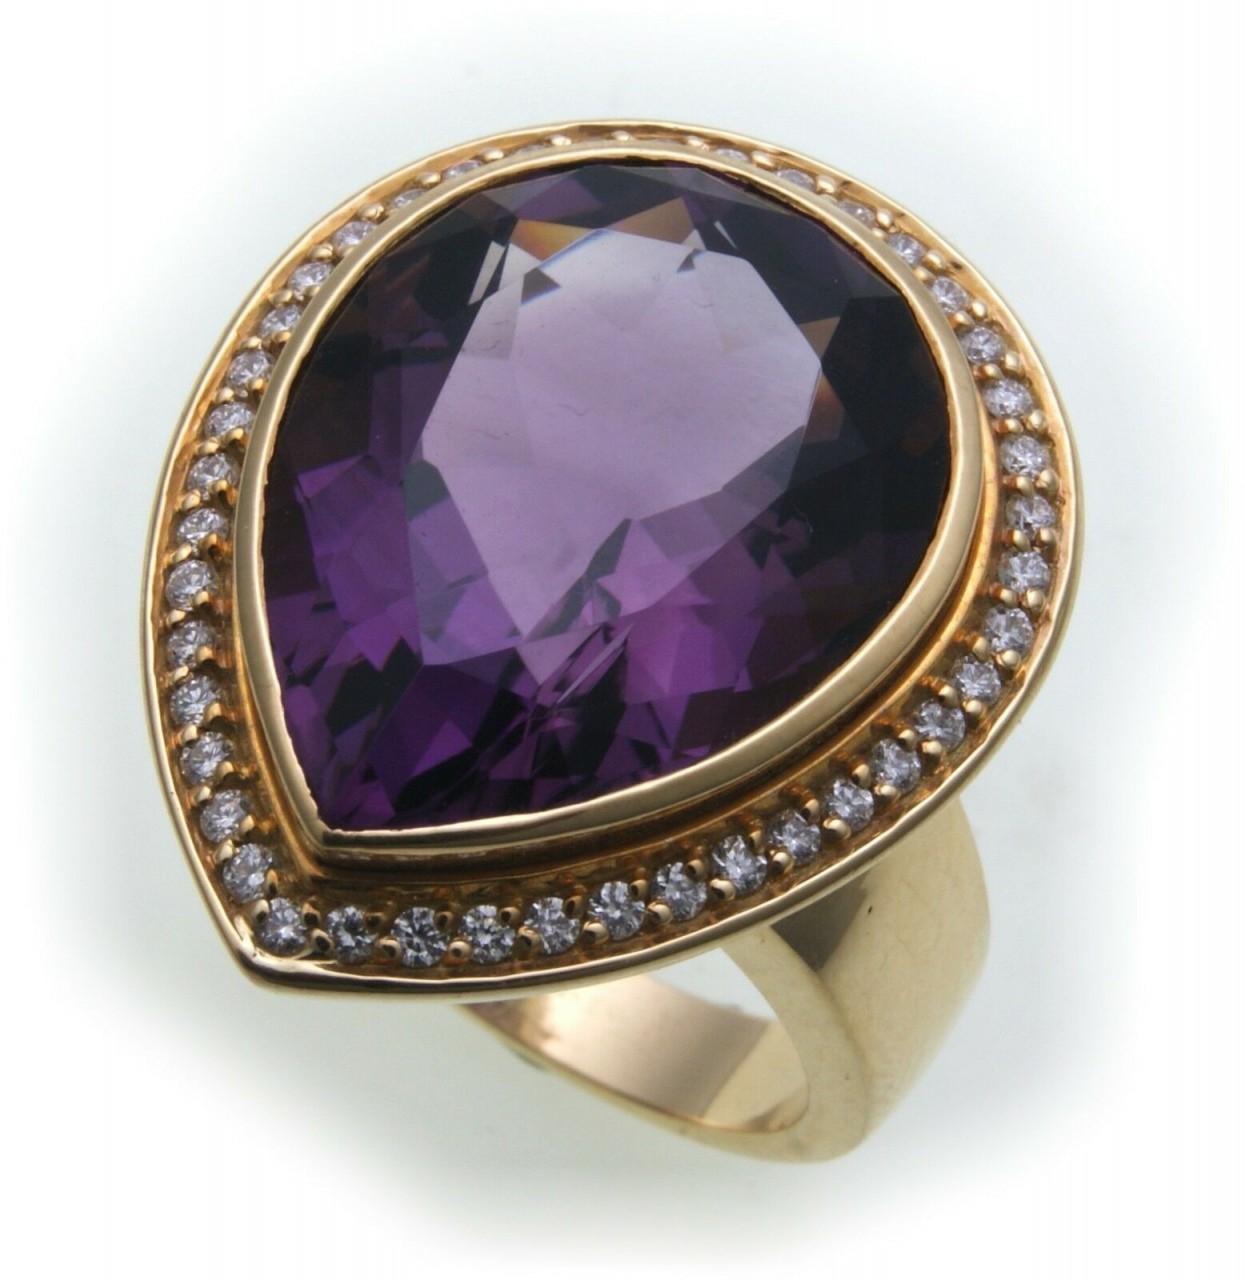 Damen Ring Amethyst echt Gold 750 Brillant 0,42 ct SI Diamant groß Gelbgold